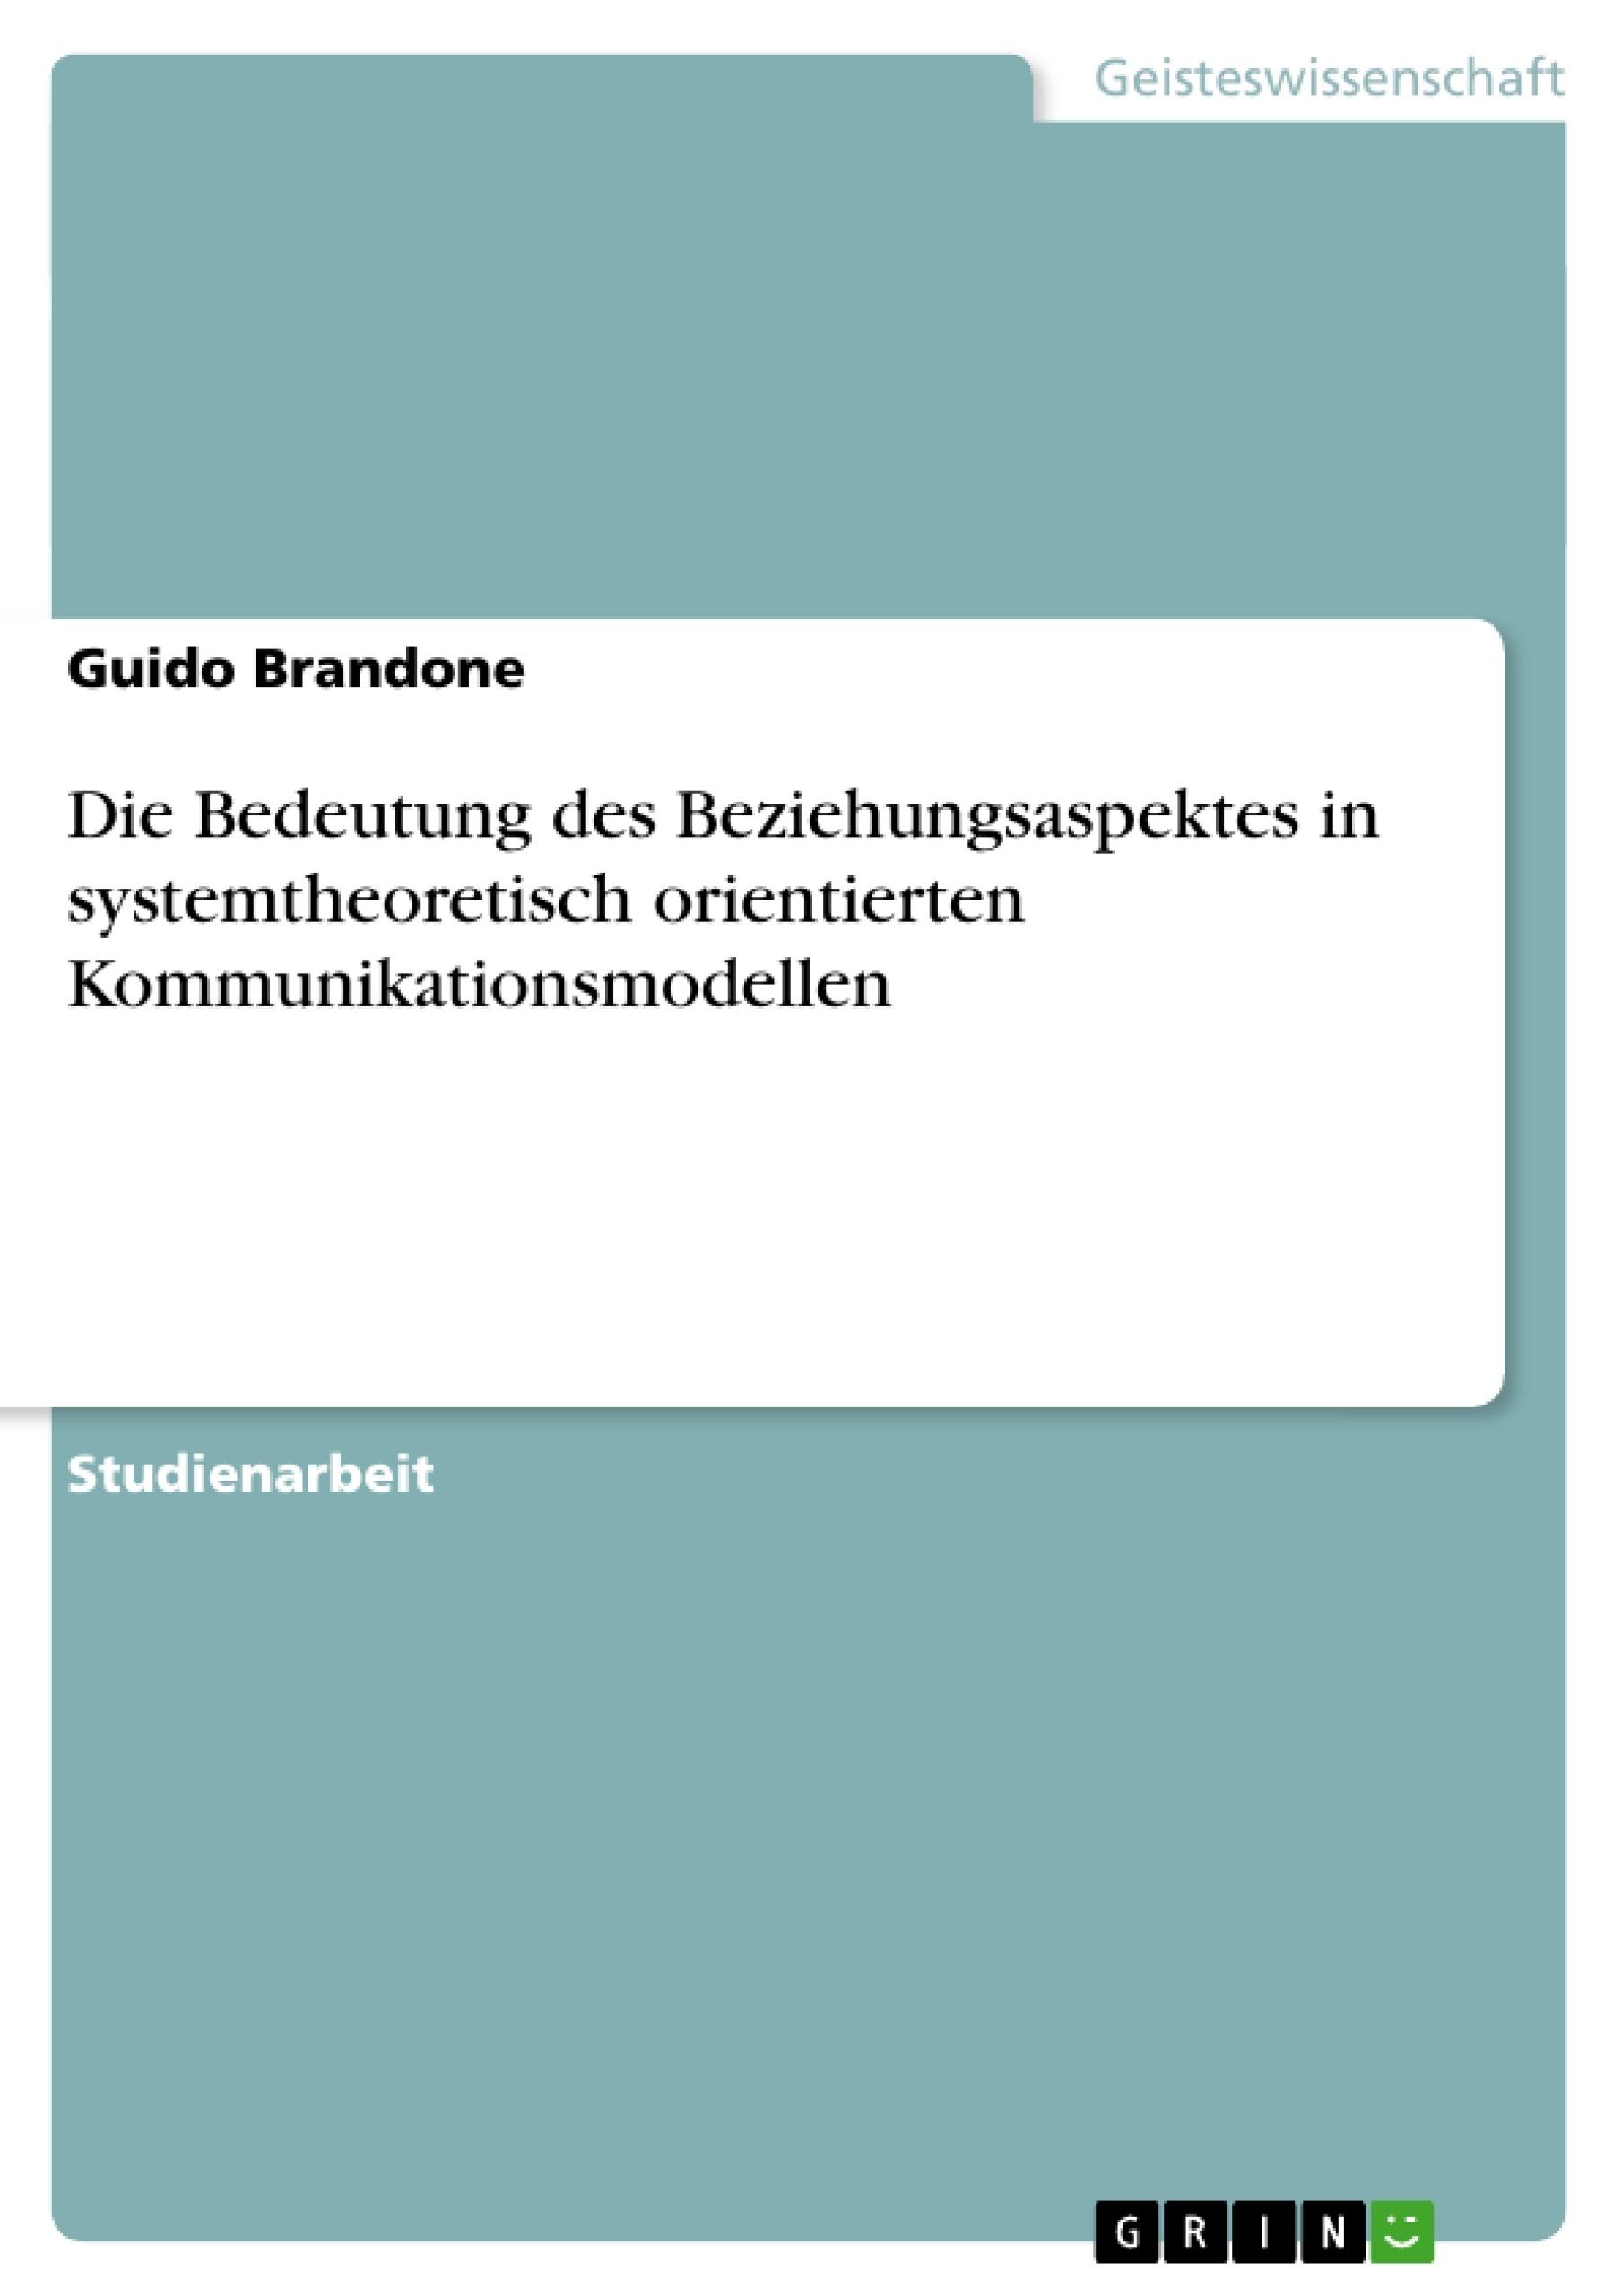 Titel: Die Bedeutung des Beziehungsaspektes in systemtheoretisch orientierten Kommunikationsmodellen